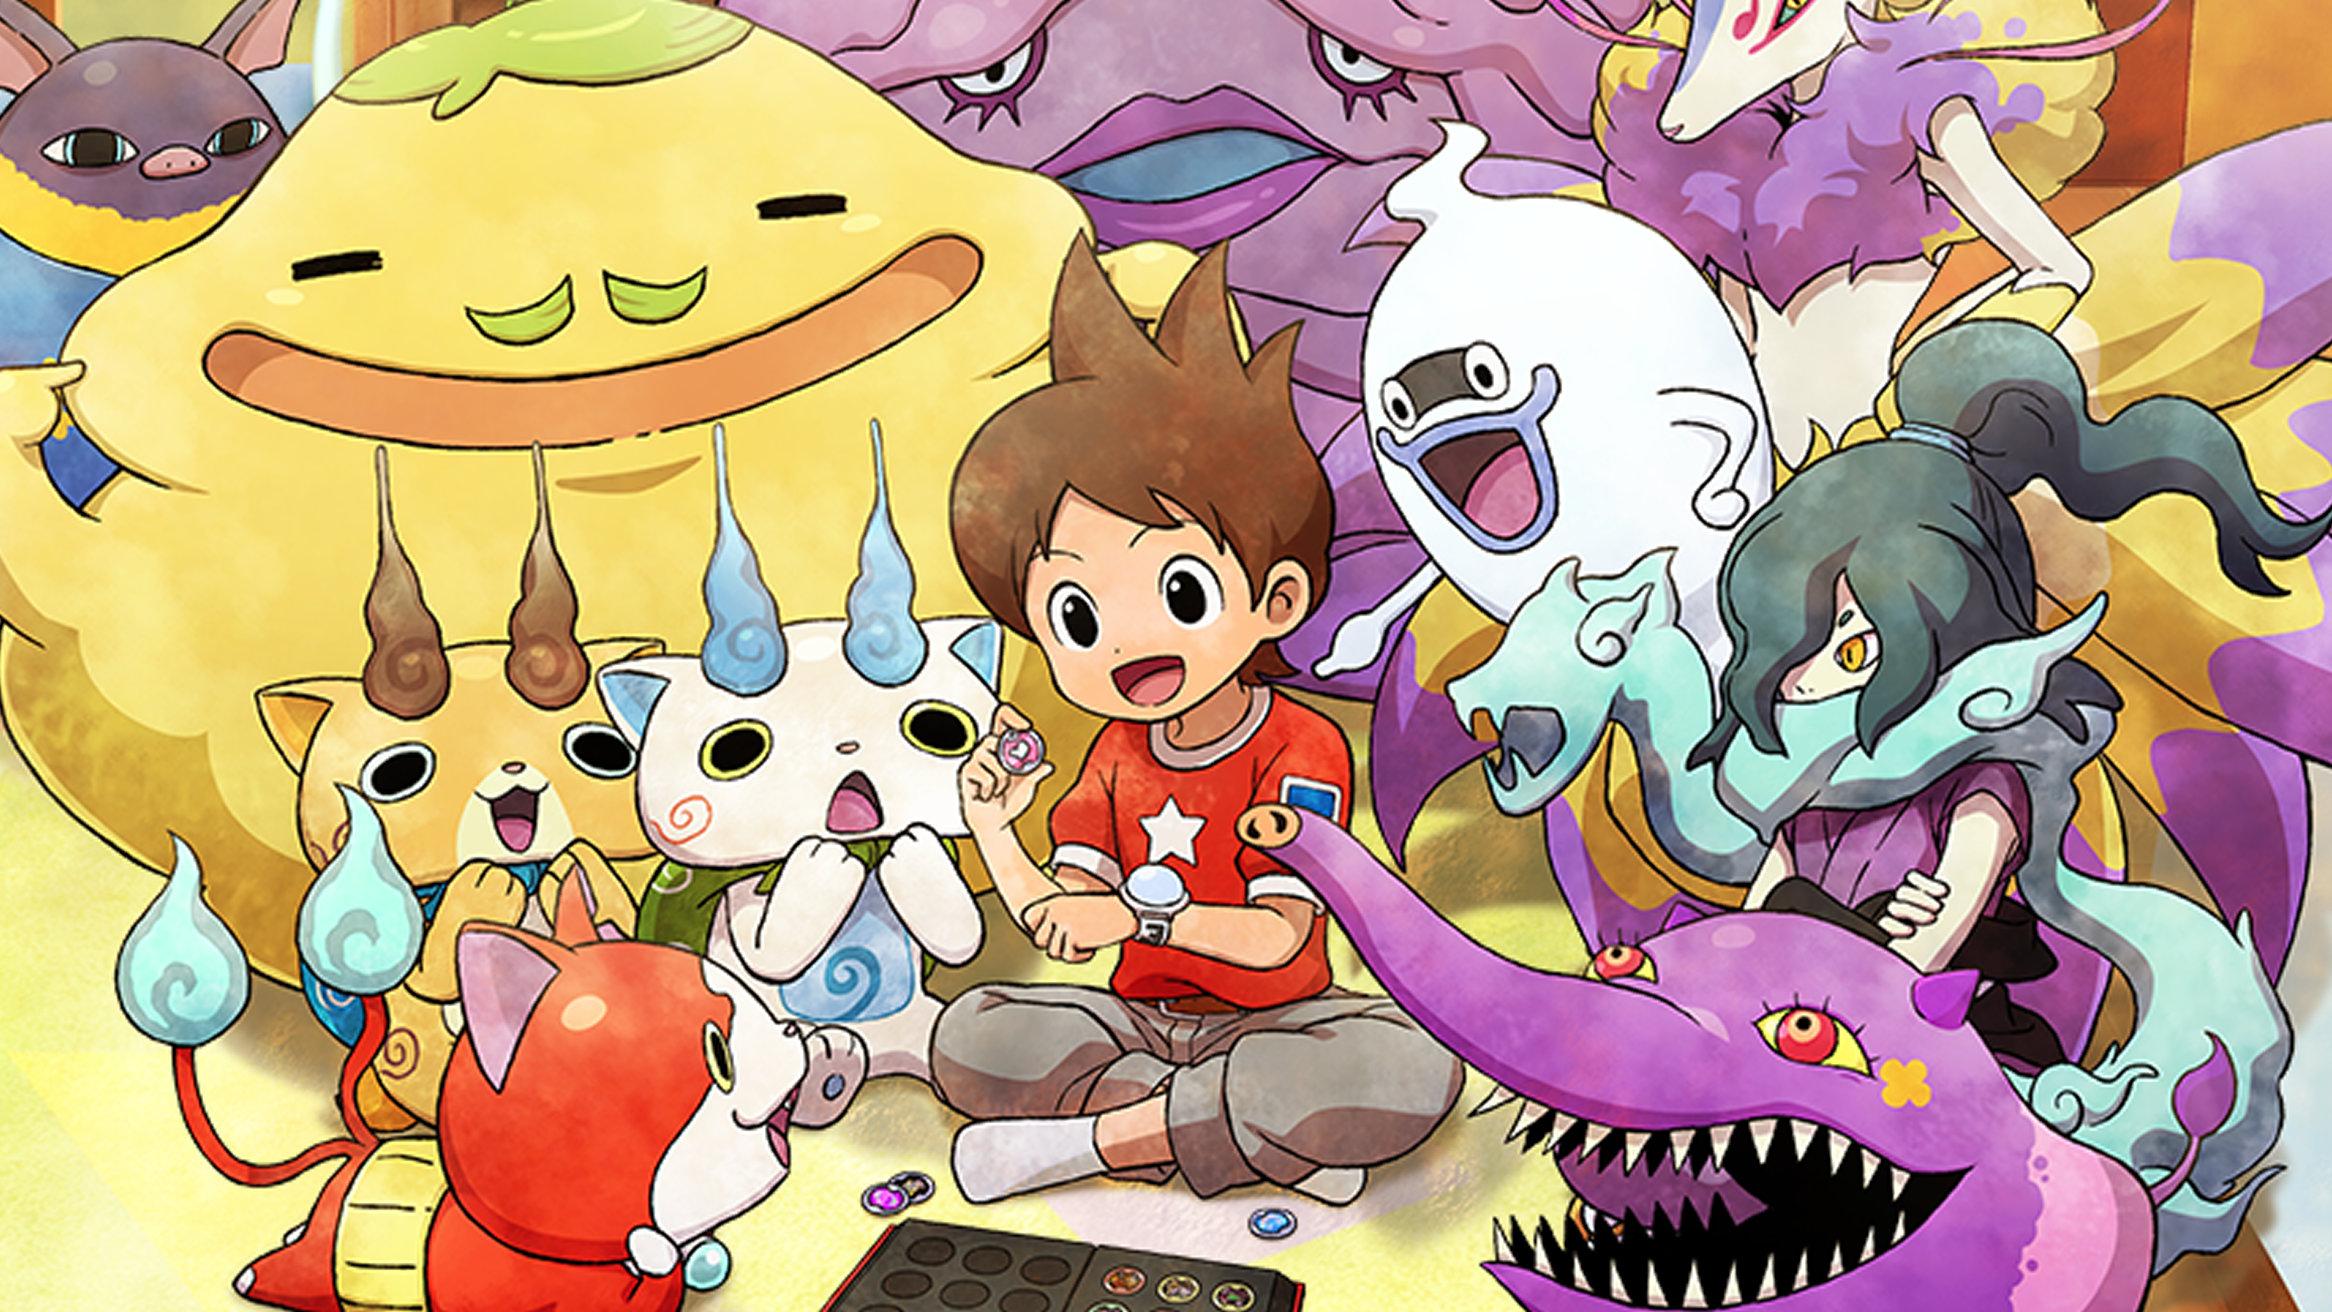 妖怪ウォッチ、8周年記念番組でゲームに関する重大発表